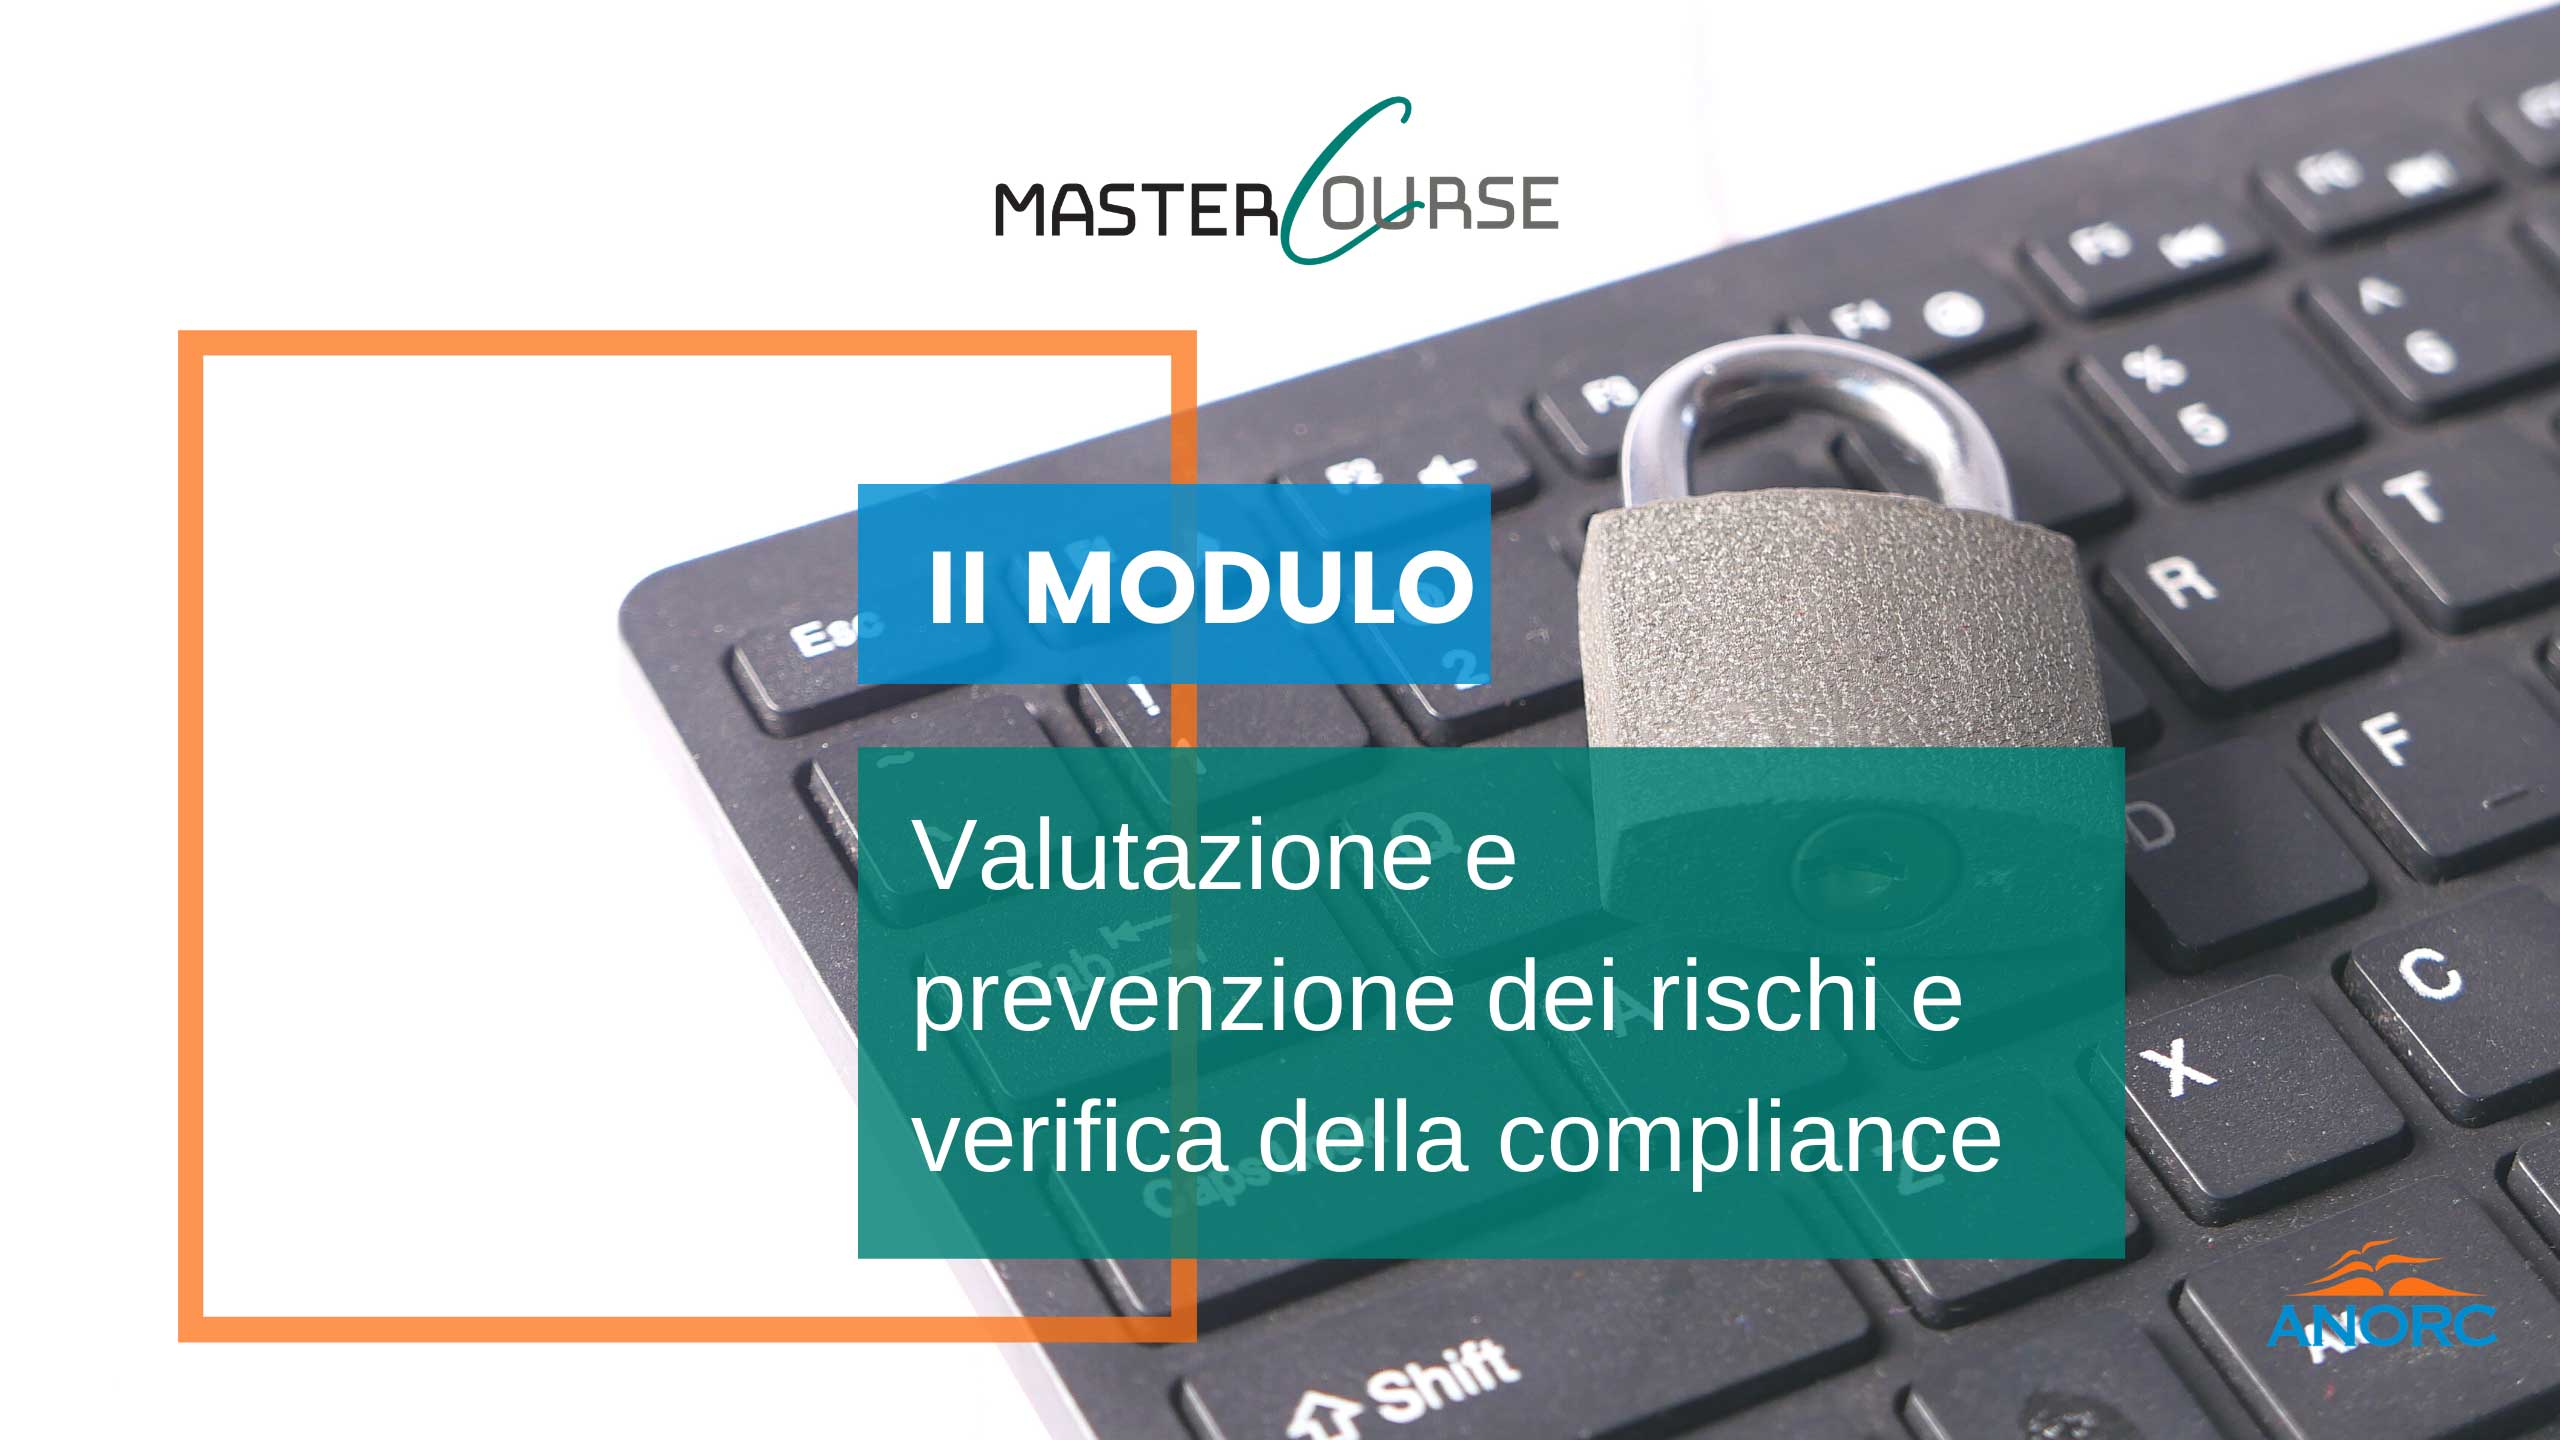 9^ giornata 22 giugno 2021 - Valutazione e prevenzione dei rischi e verifica della compliance